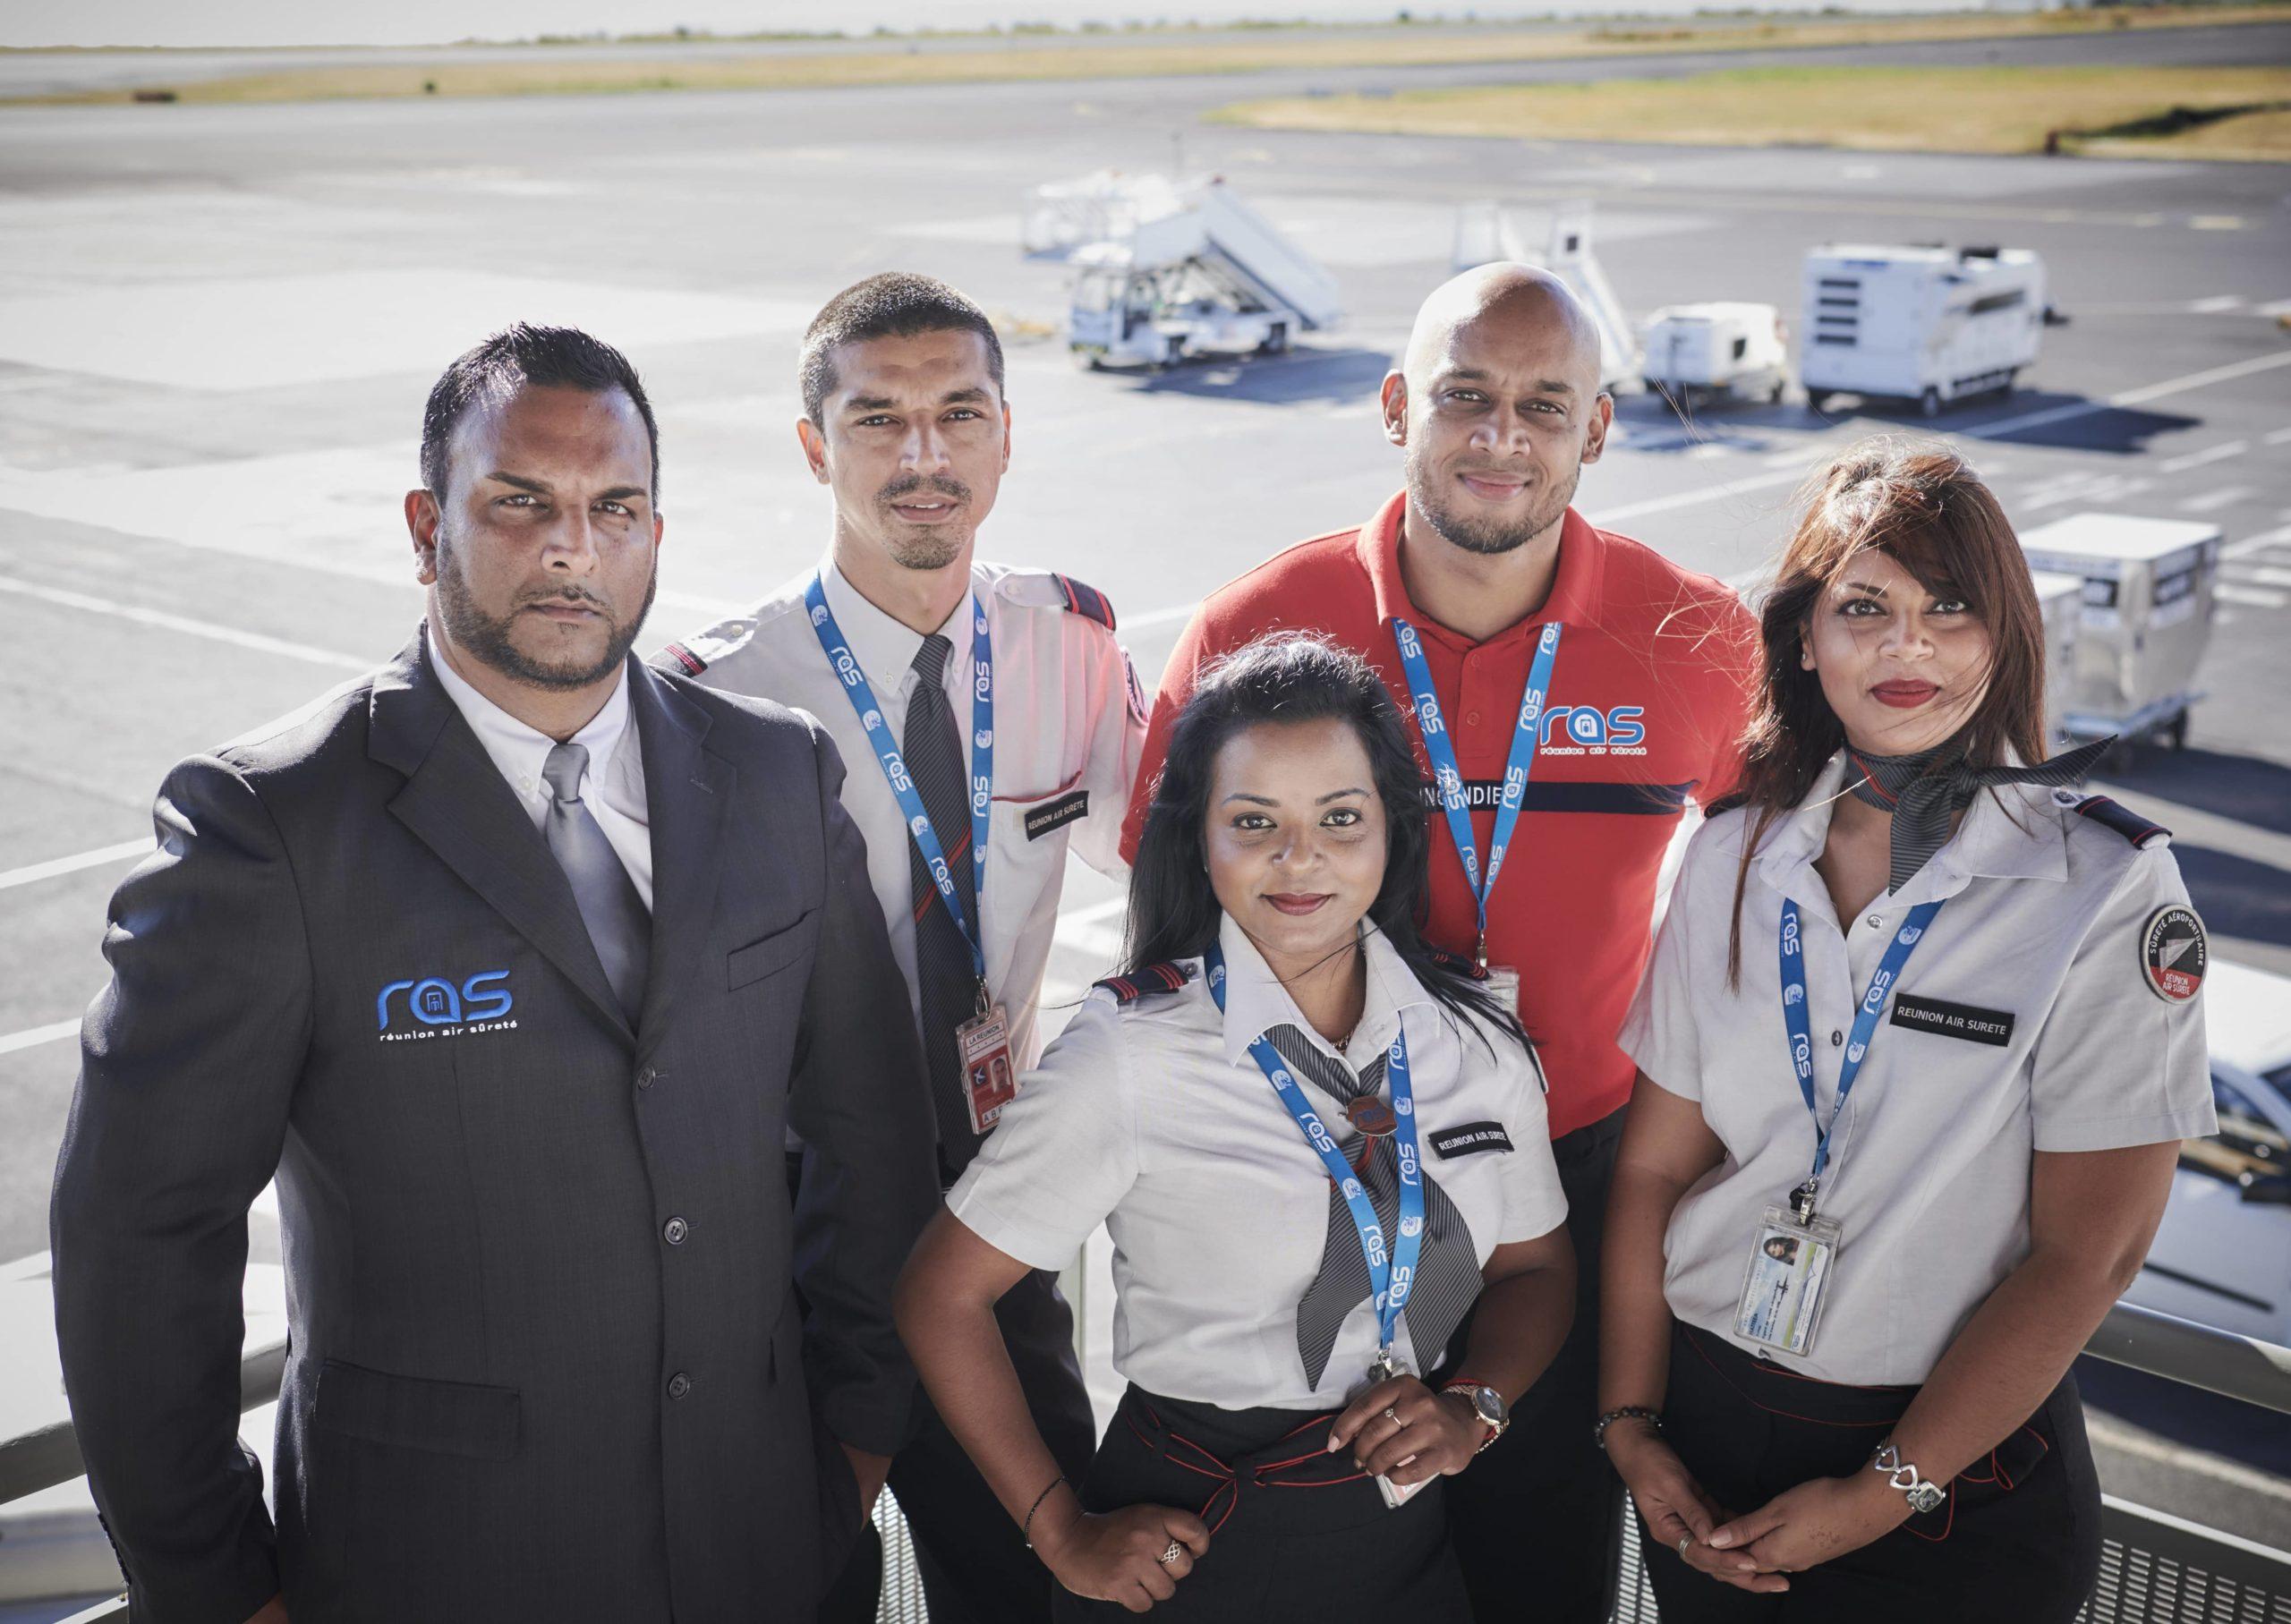 Formation des personnes autres que les passagers qui doivent bénéficier d'un accès non accompagné aux zones de sûreté à accès réglementé – 11.2.6.2